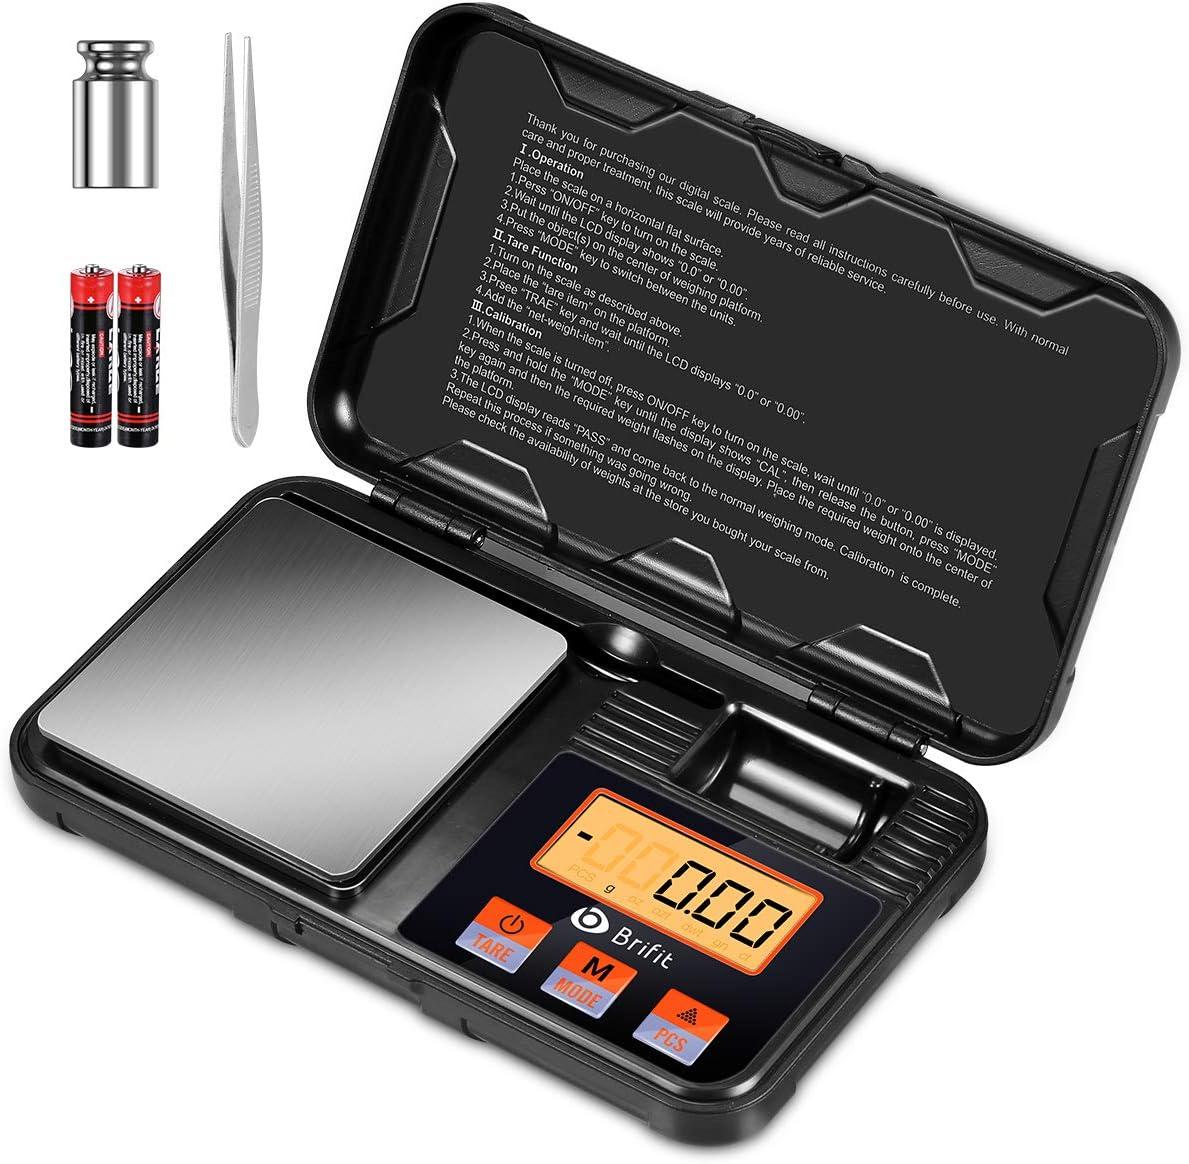 Criacr Báscula de Precisión Digitale, 200g/0.01g Balanzas de Portátiles con Pesas de Calibración de 50g, LCD Retroiluminado, PCS, Función de Tara (Baterías, Pinzas Incluidas)